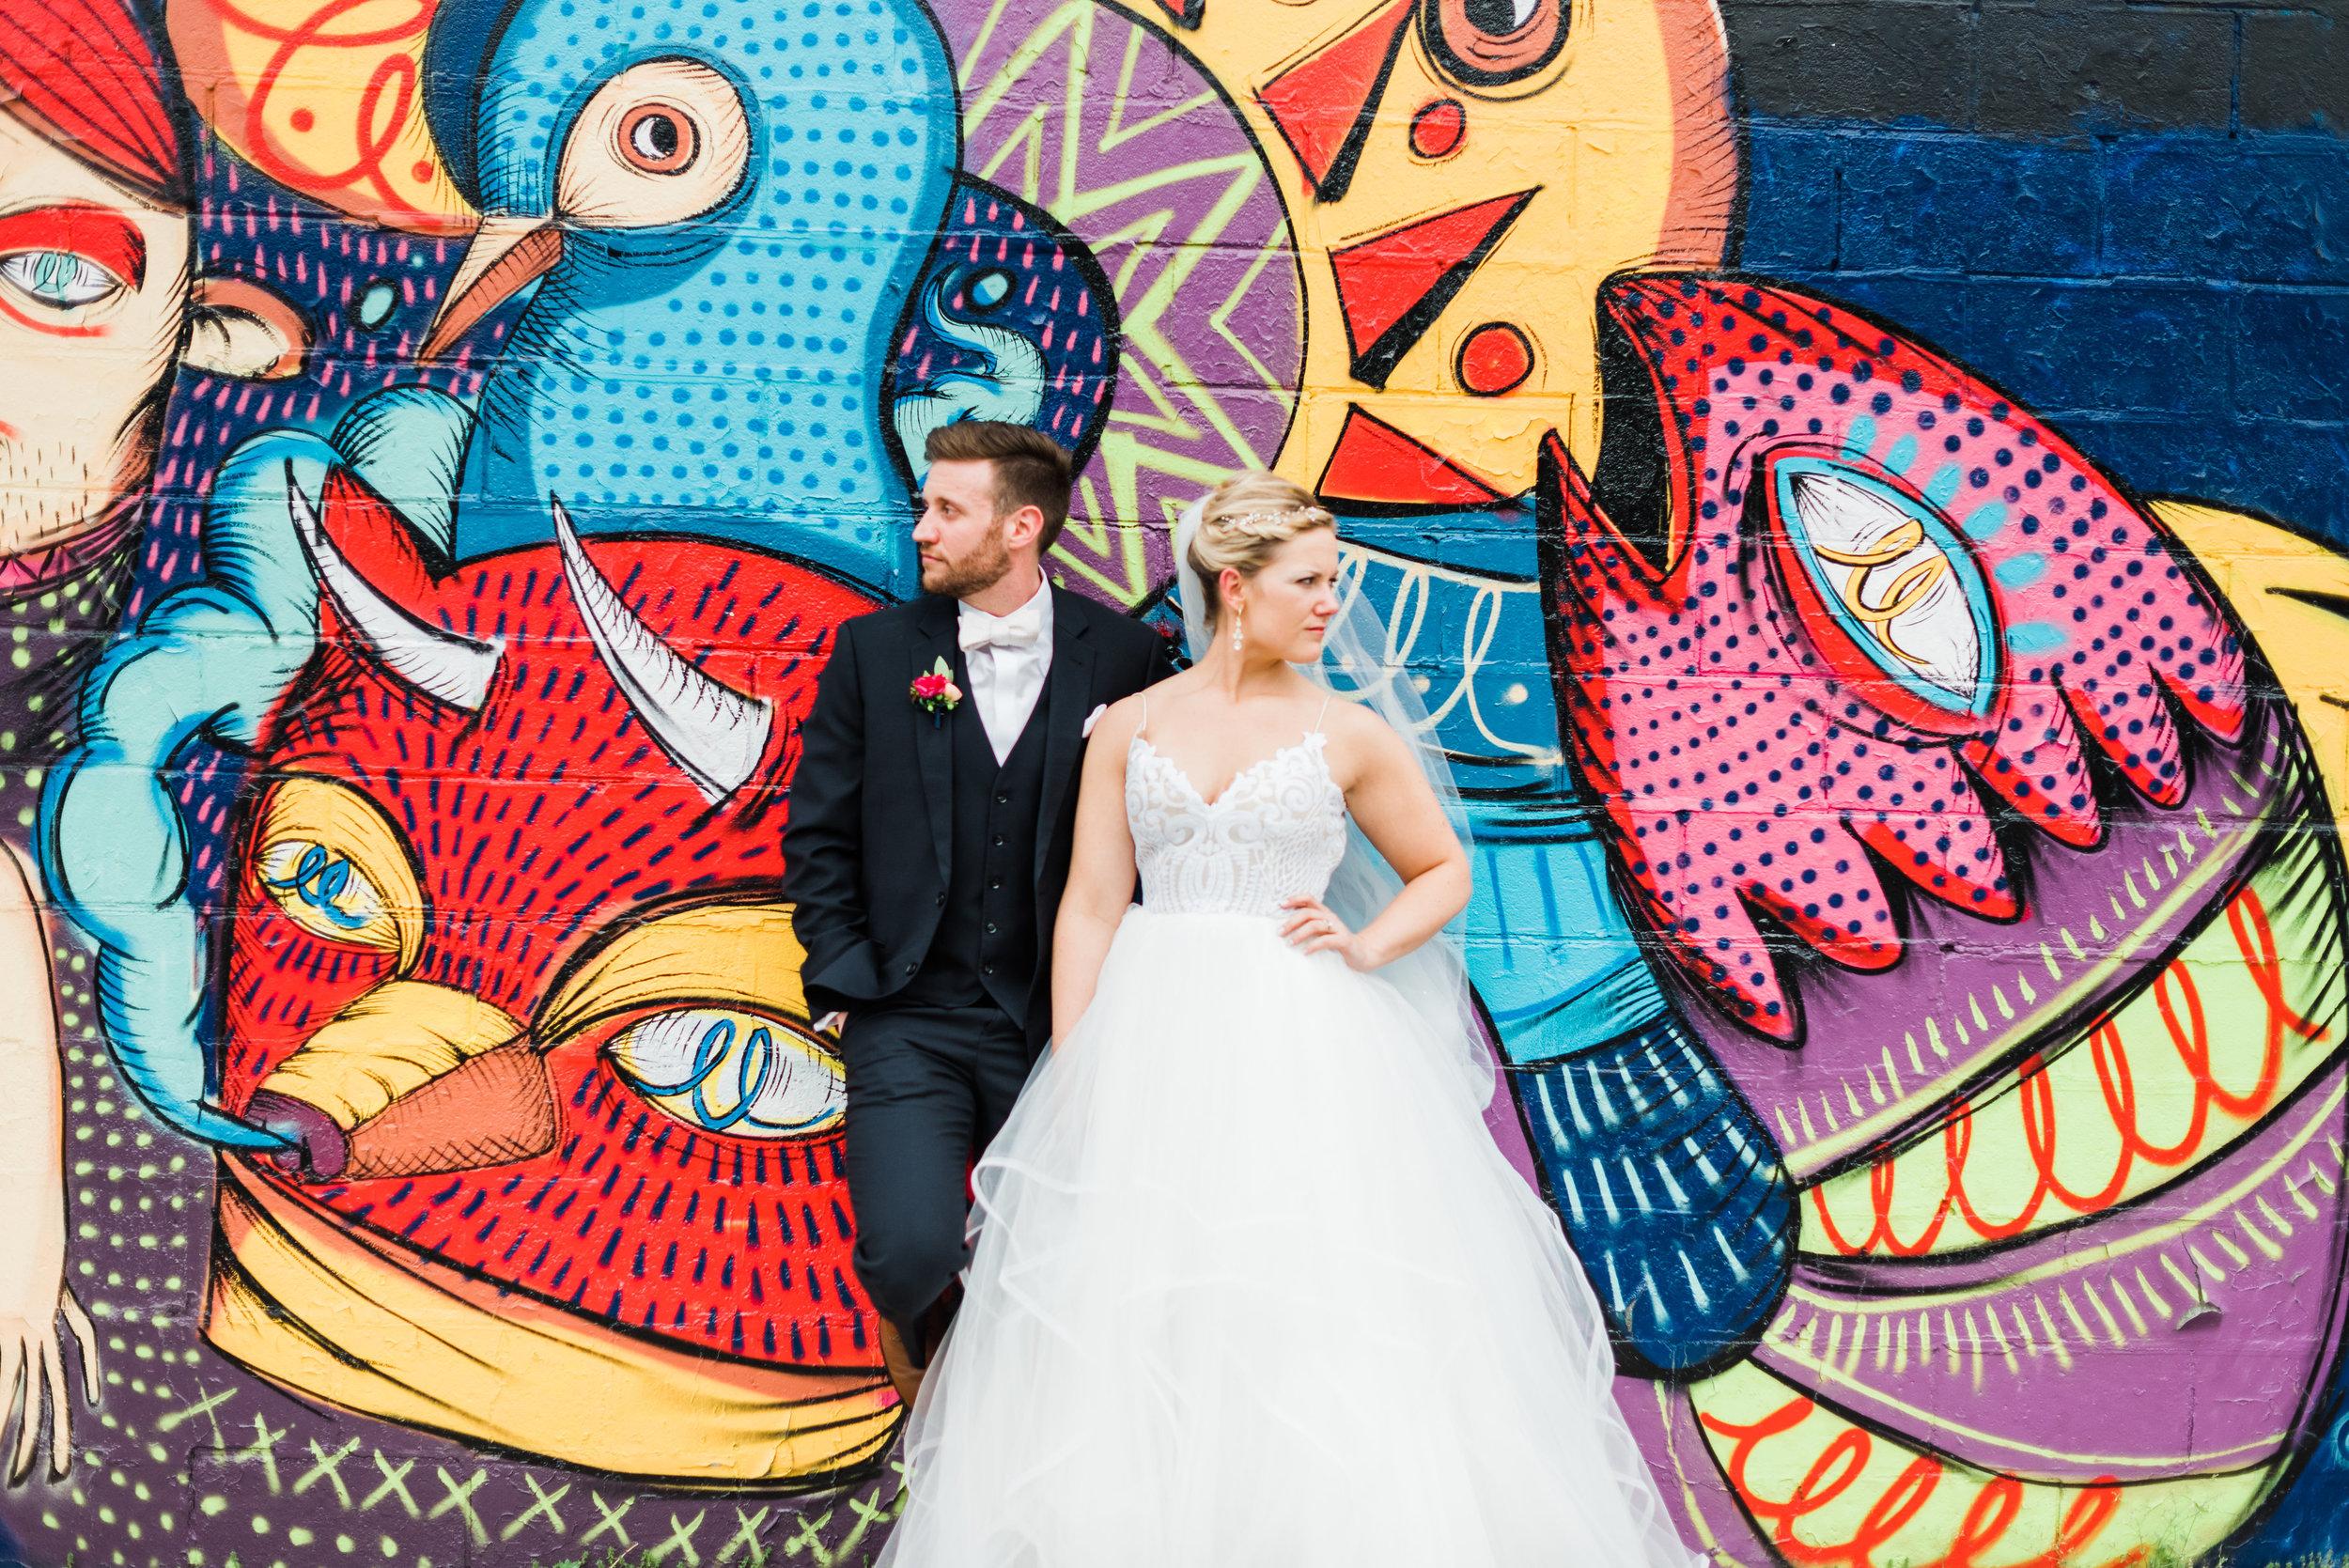 Jacqueline & Philip - Chicago, ILVenue: OvationPhotographer: Danielle Heinson